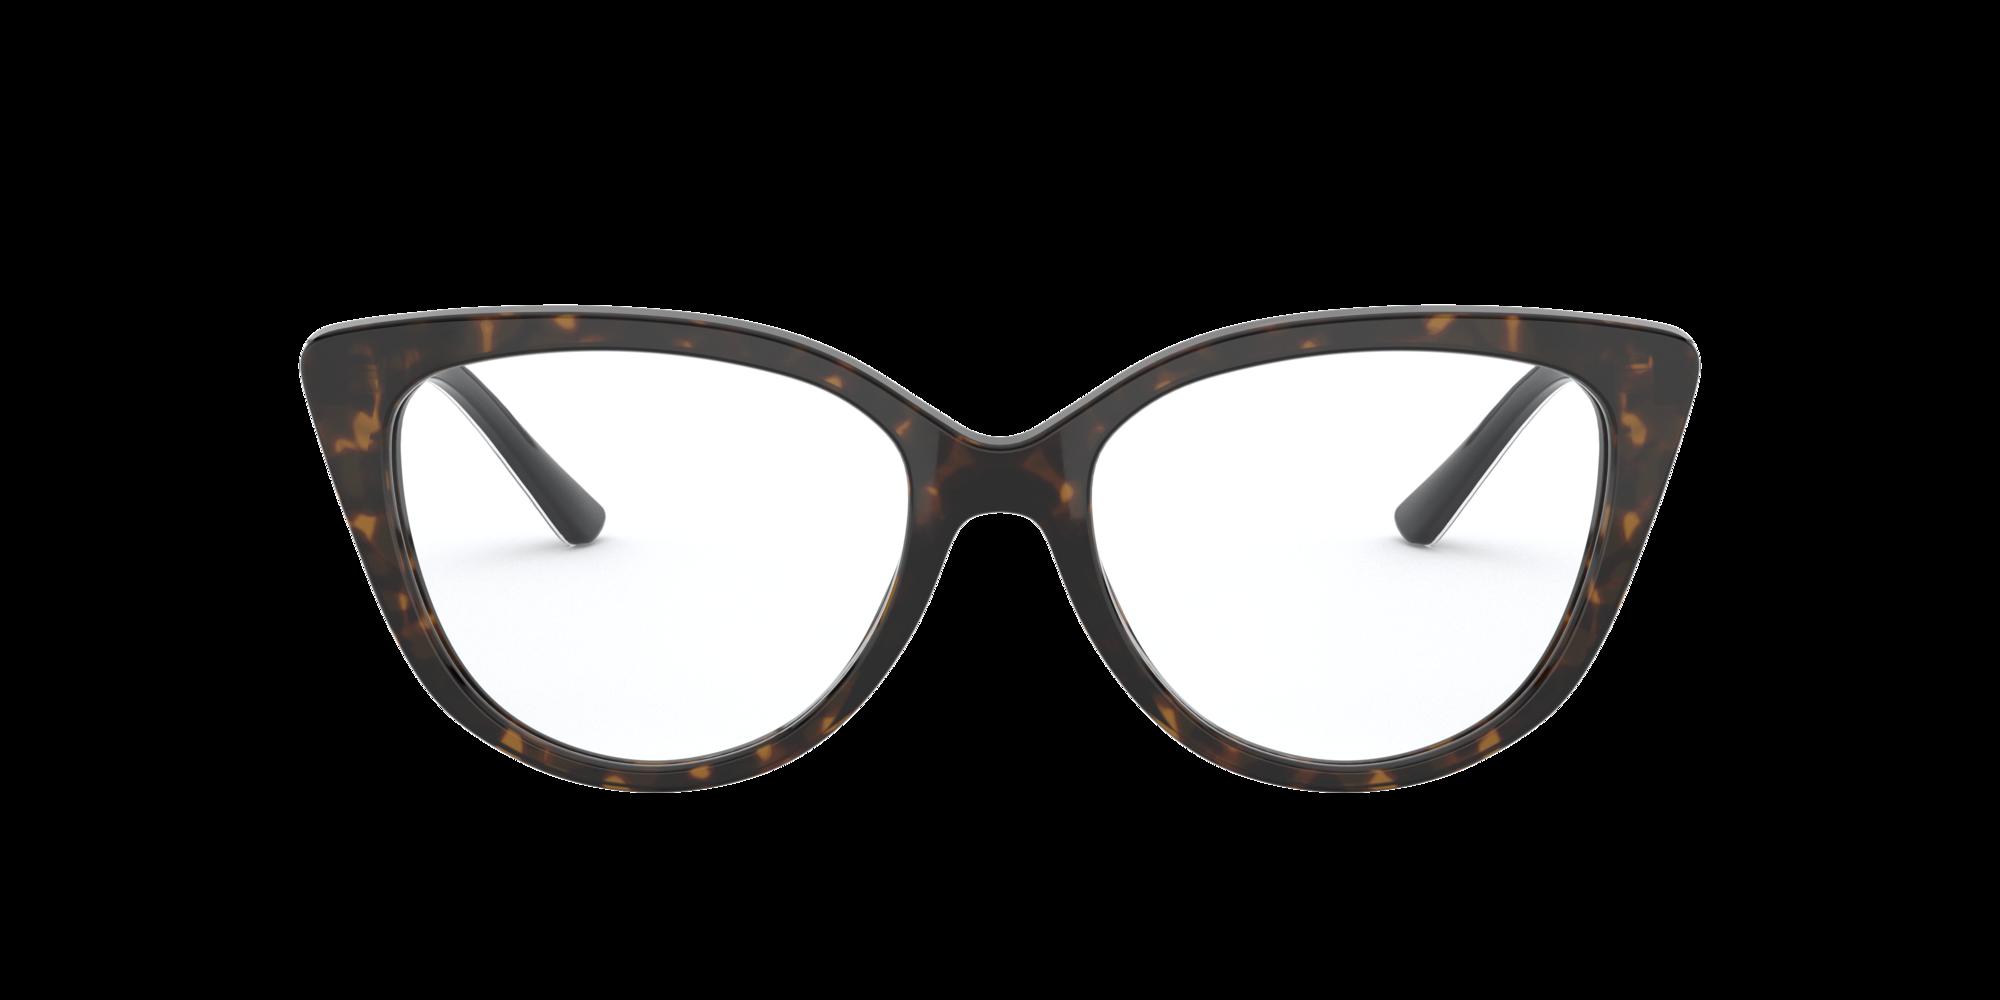 Imagen para MK4070 LUXEMBURG de LensCrafters |  Espejuelos, espejuelos graduados en línea, gafas